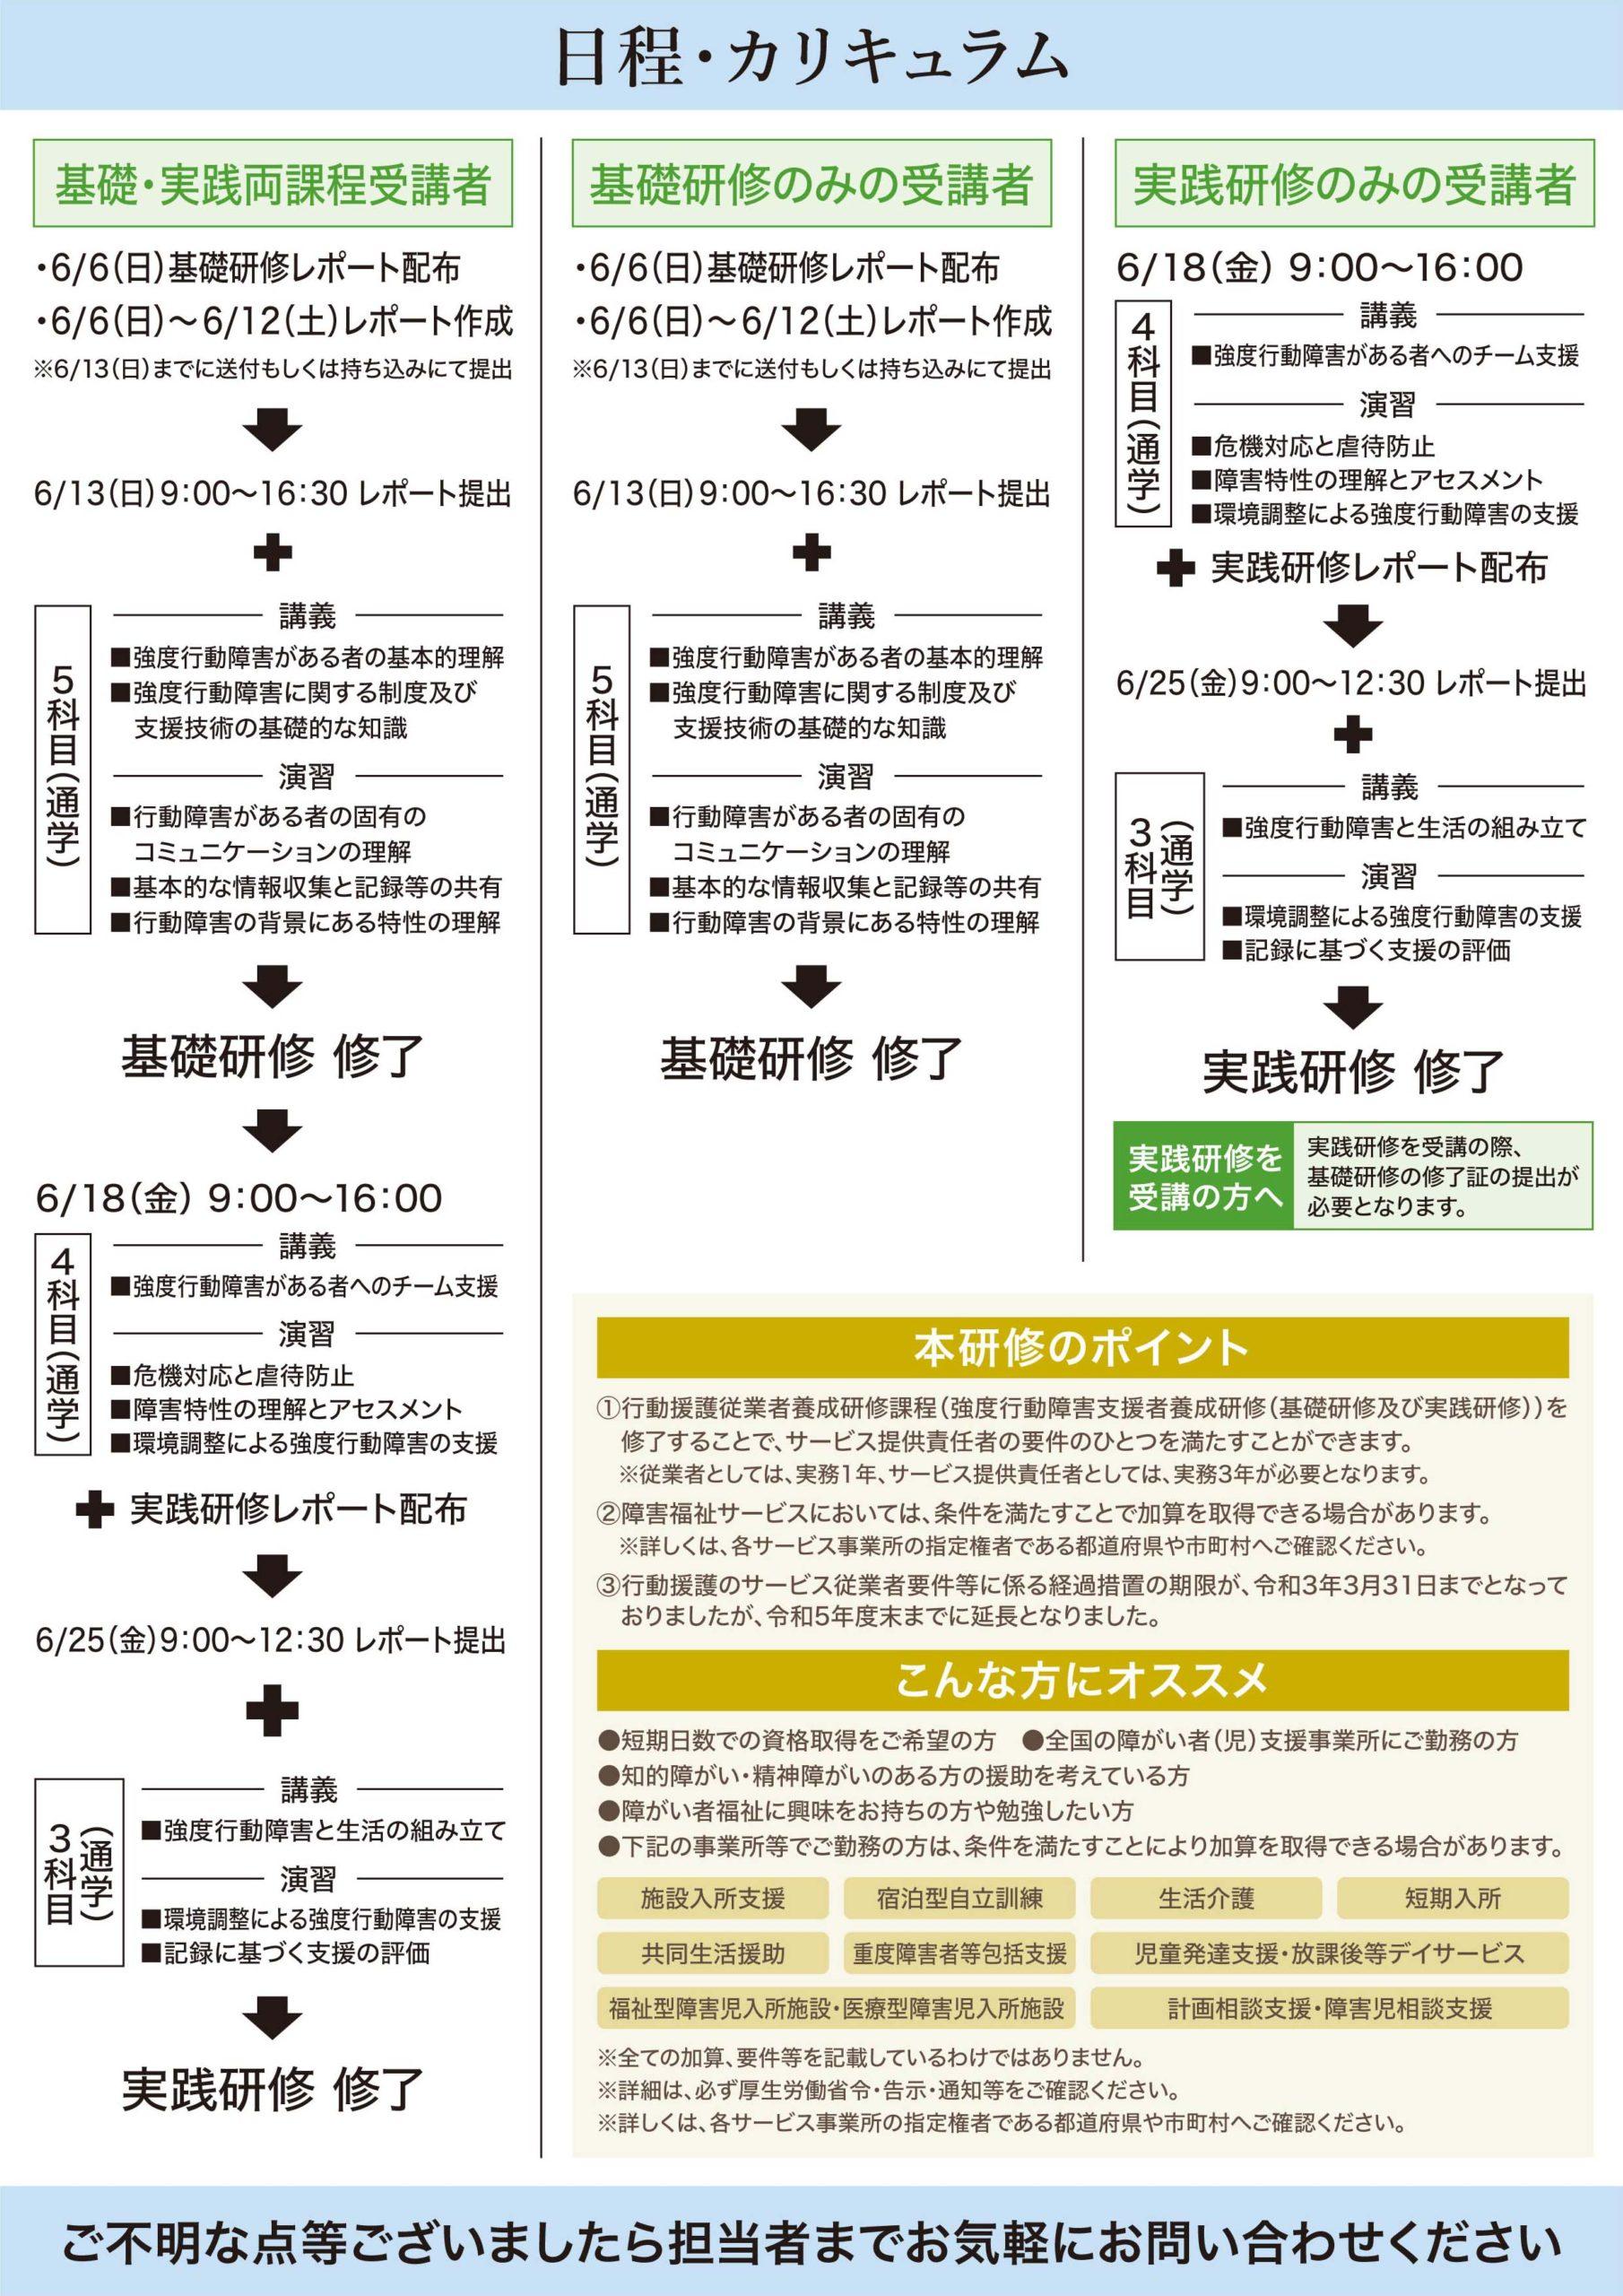 強度行動障害支援者養成研修チラシ(2021-06)通信・通学-ウラ